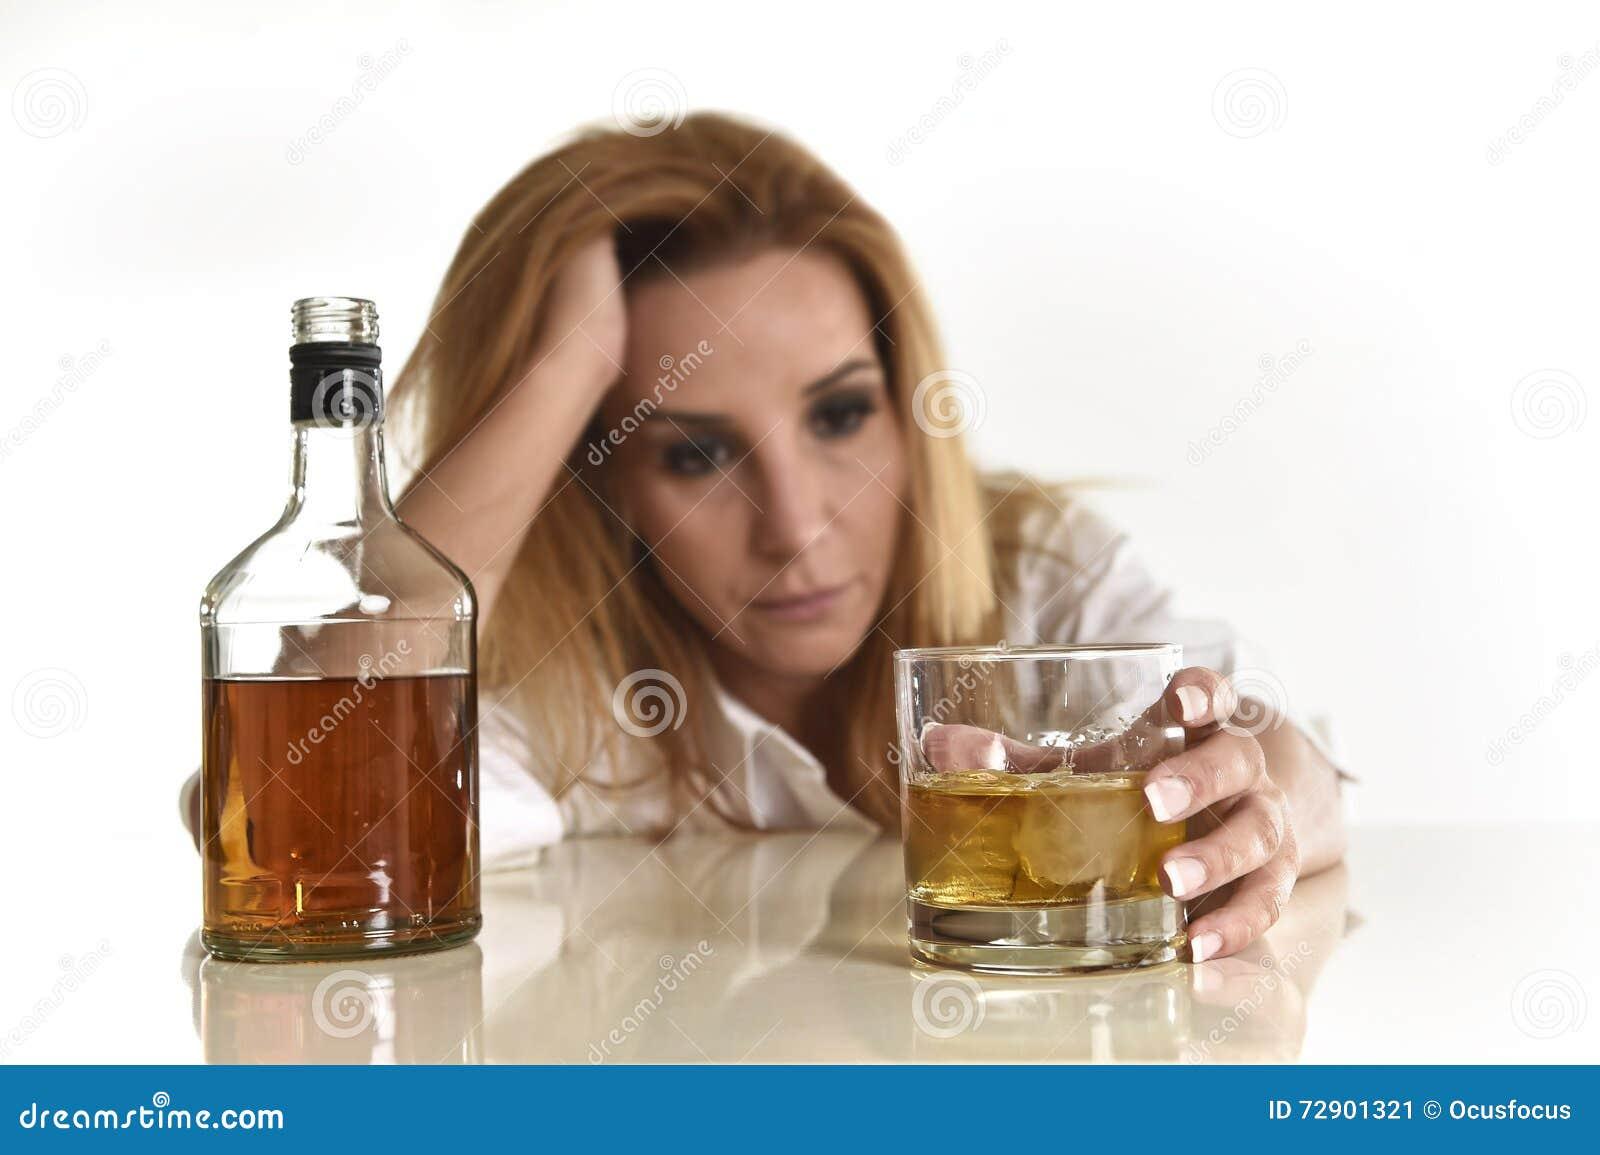 Kaukasische blonde verspilde en gedeprimeerde alcoholische vrouw die gedronken drinken slordig van het Schotse whiskyglas